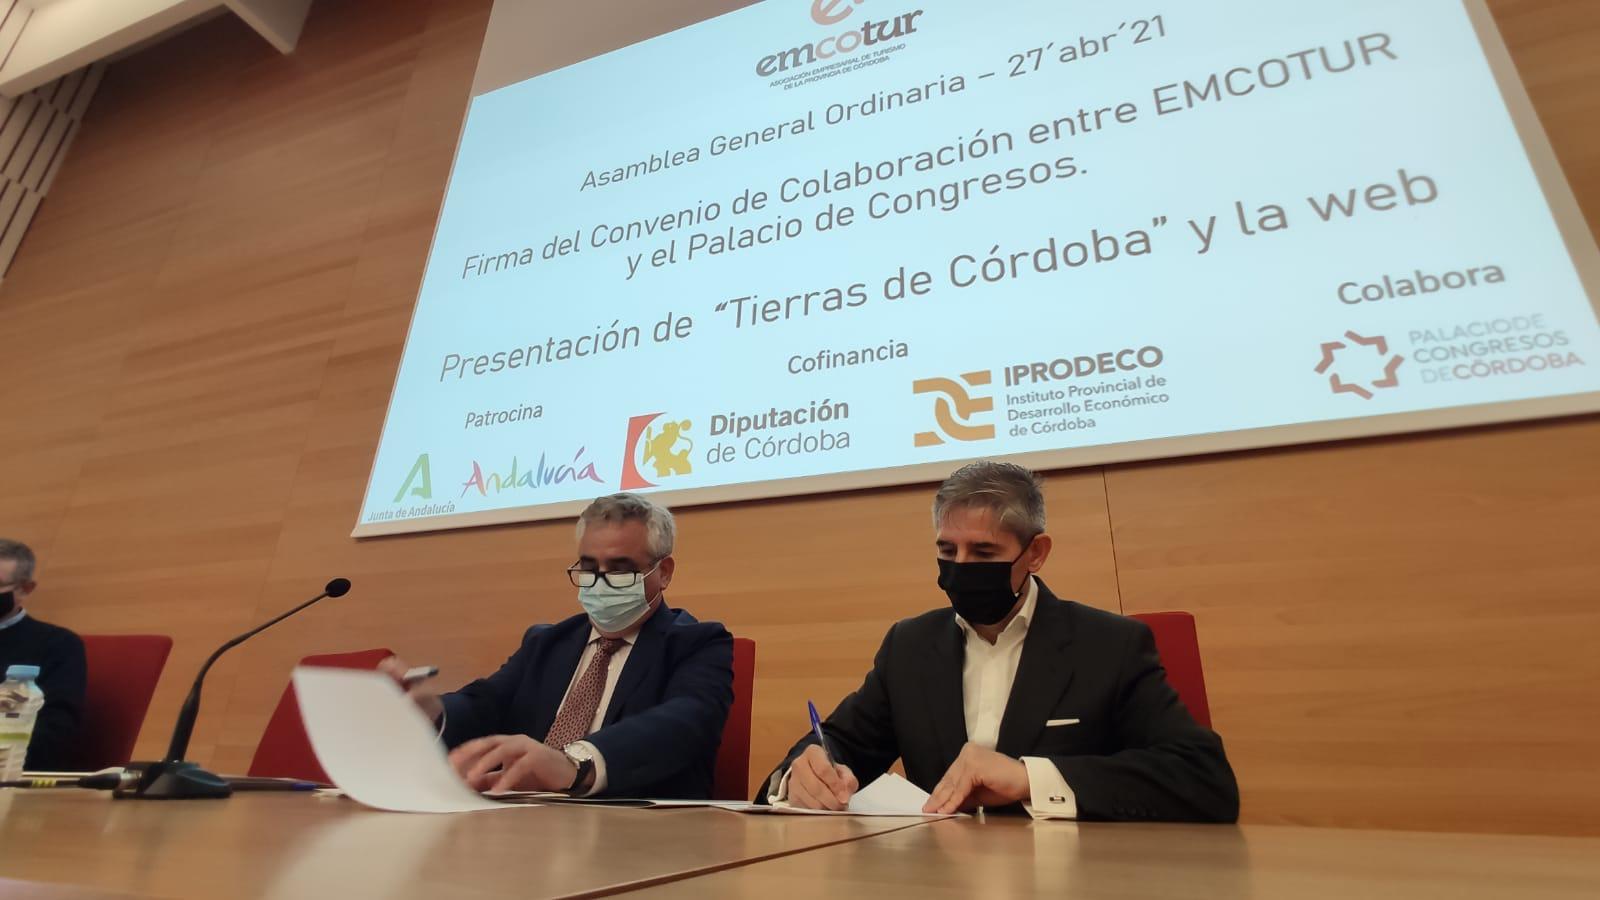 EMCOTUR y el Palacio de Congresos de Córdoba se  unen para potenciar la oferta turística de la provincia  en la capital